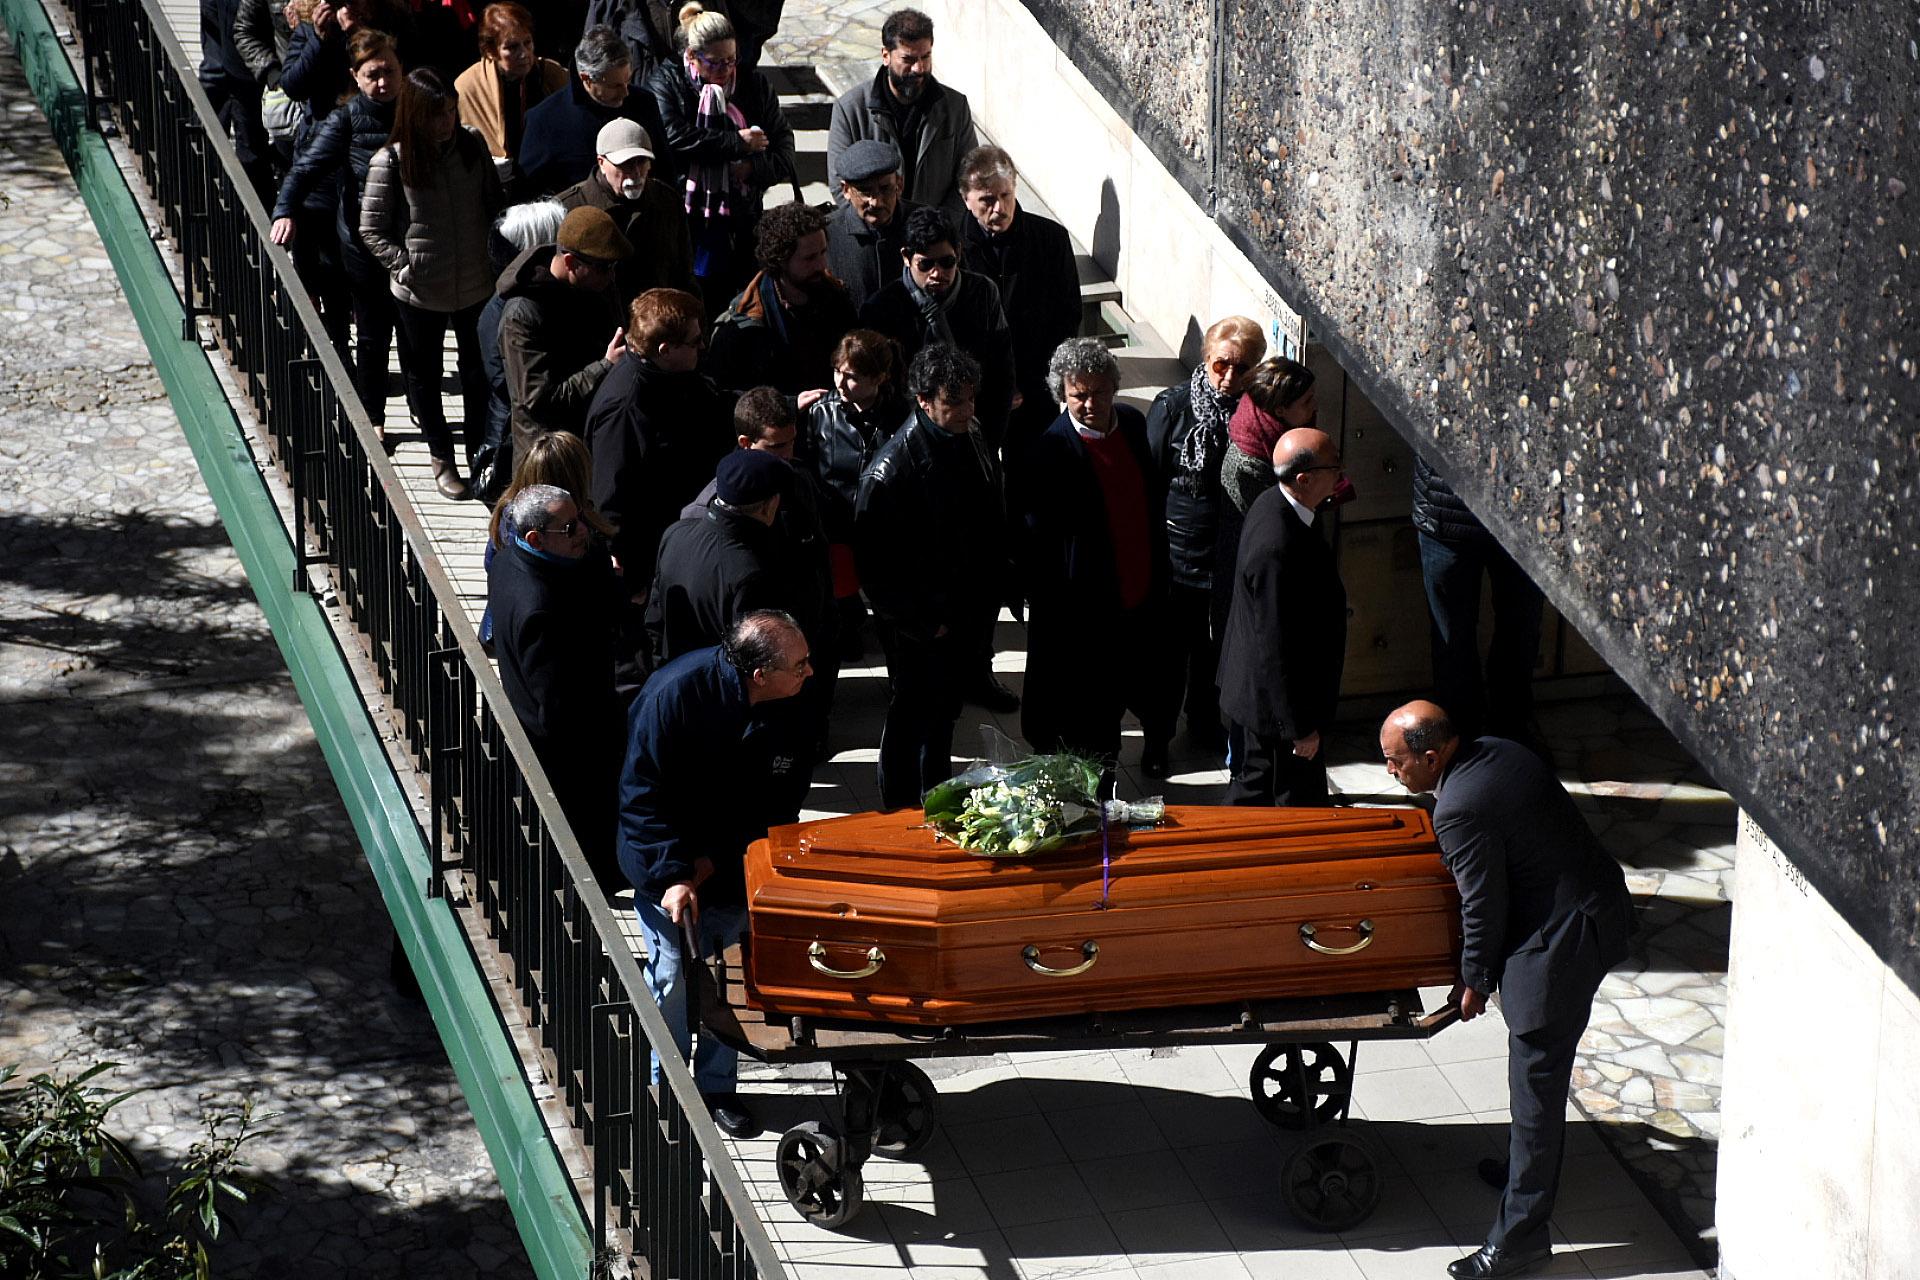 José Martínez Suárez falleció a los 93 años en el CEMIC, donde estuvo internado con un grave cuadro de salud